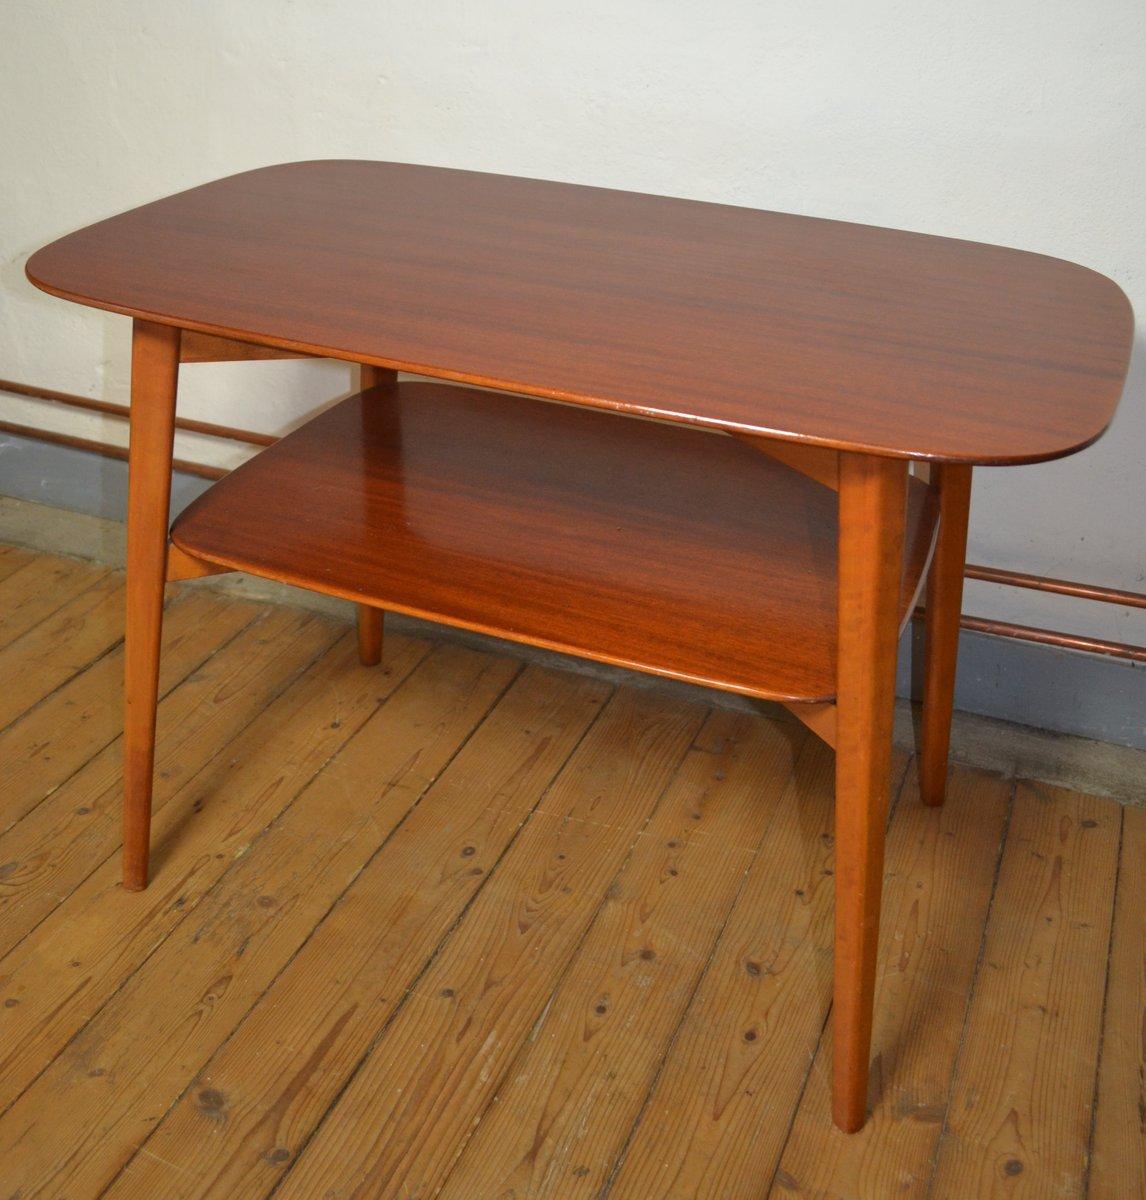 Mid-Century Coffee Table From Nordiska Kompaniet, 1950s